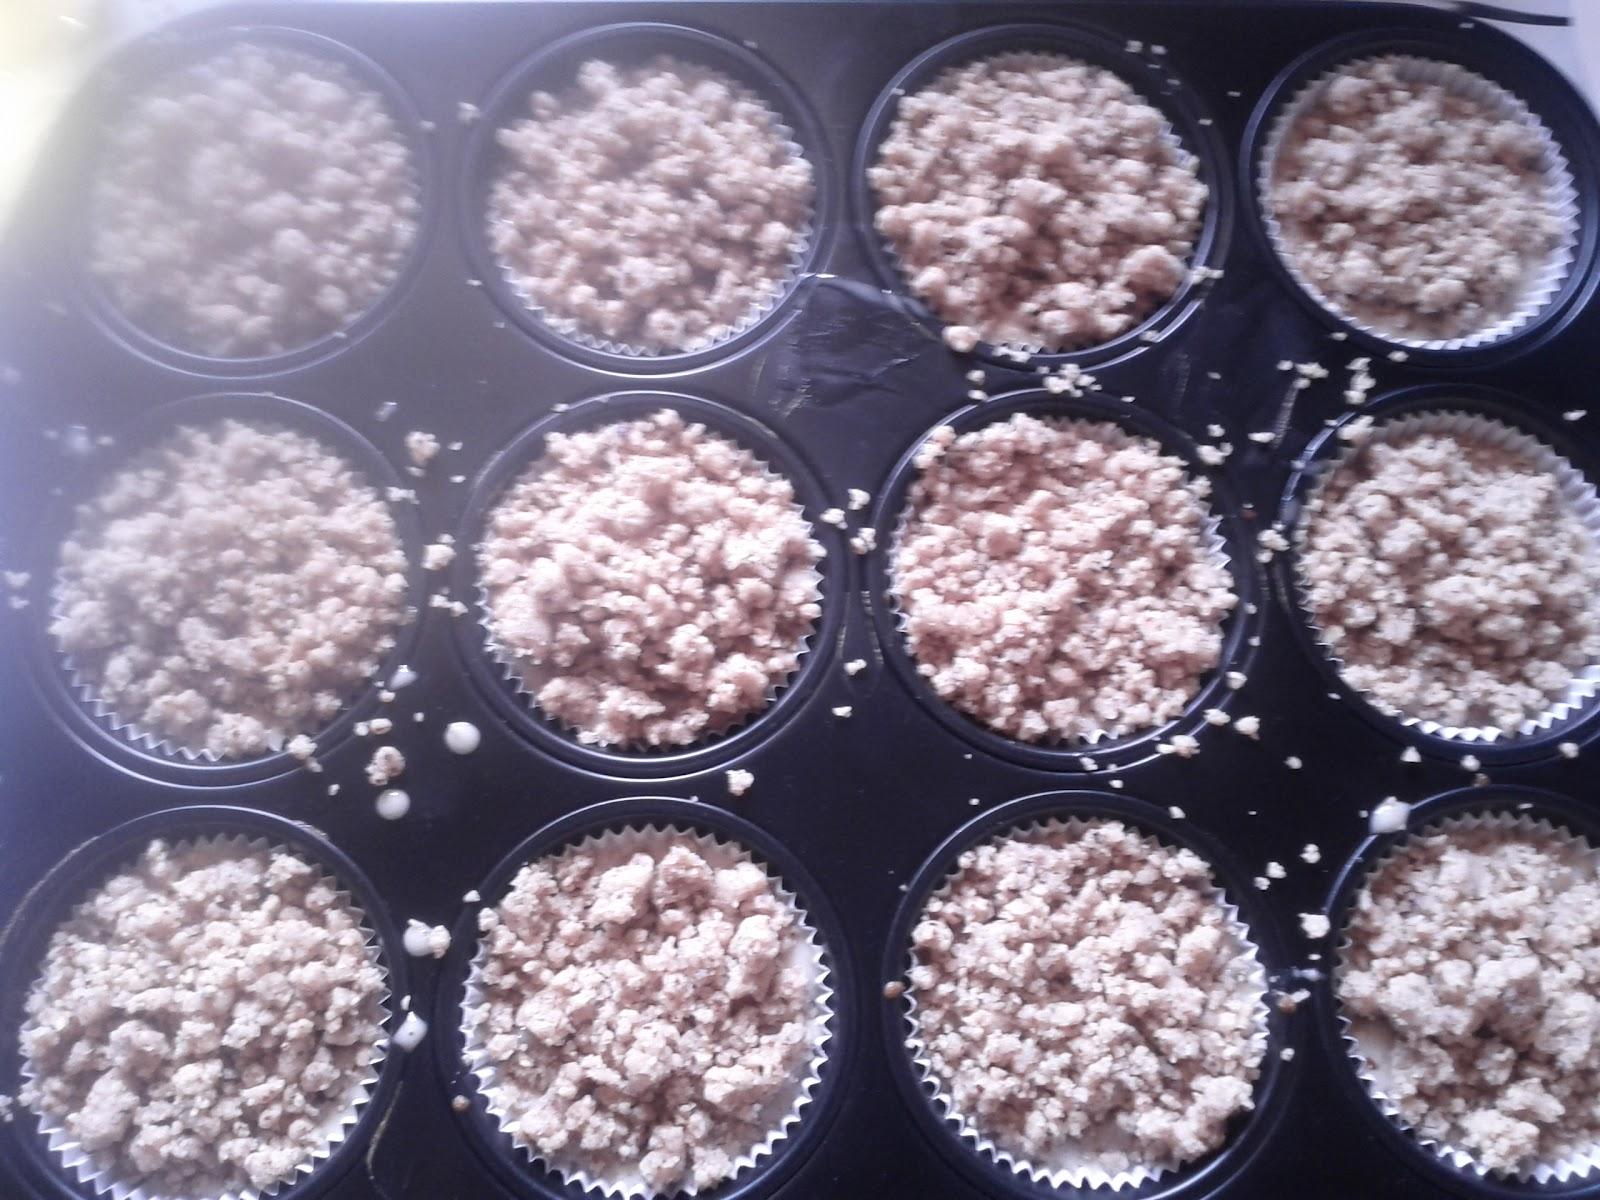 Dann das Blech für ca 25 Minuten ins Rohr geben Anschließend das Blech aus dem en geben und Cupcakes abkühlen lassen